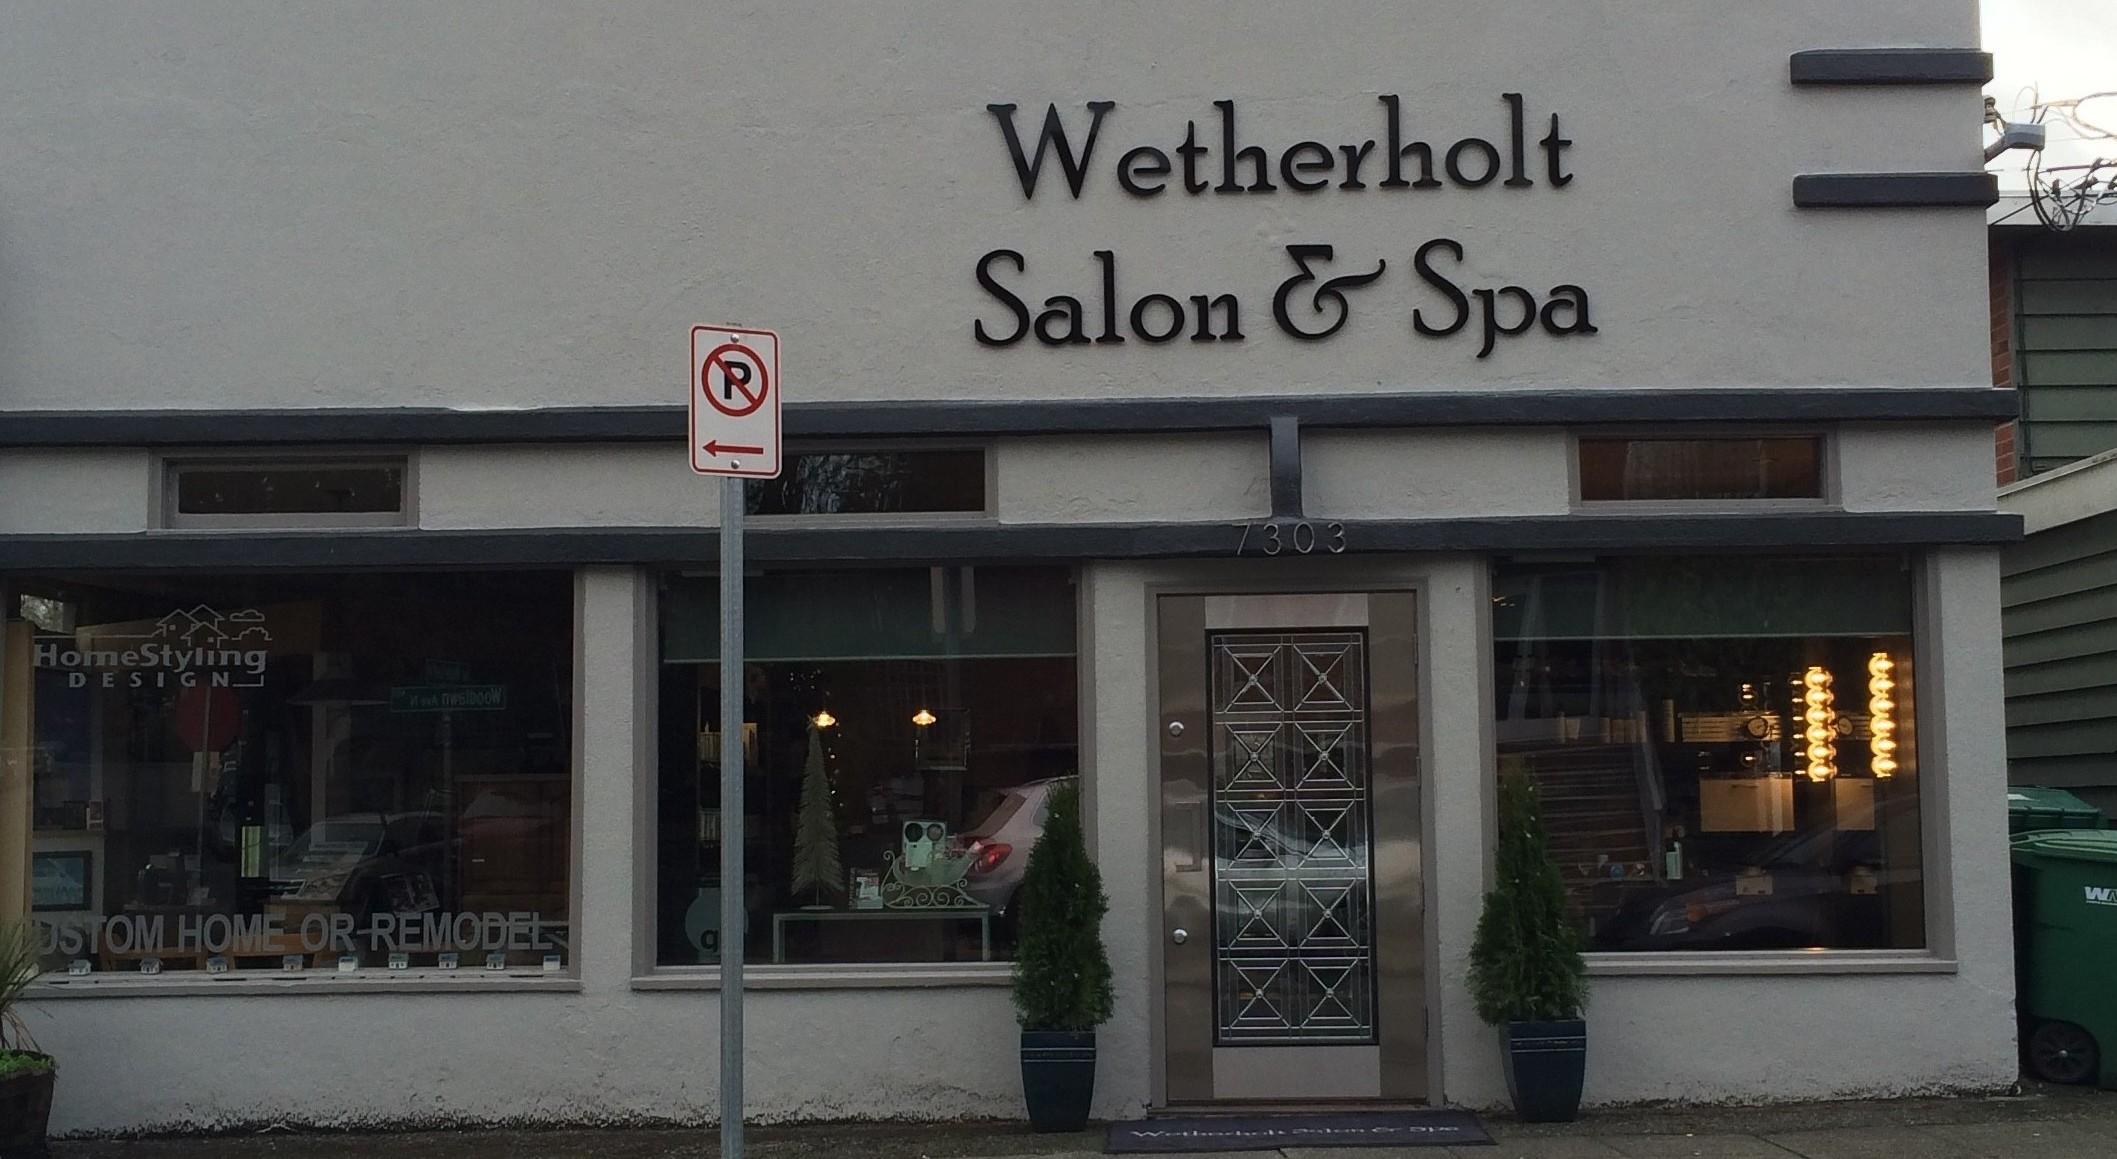 Seattle greenlaker wetherholt salon spa now open for Hair salons open near me